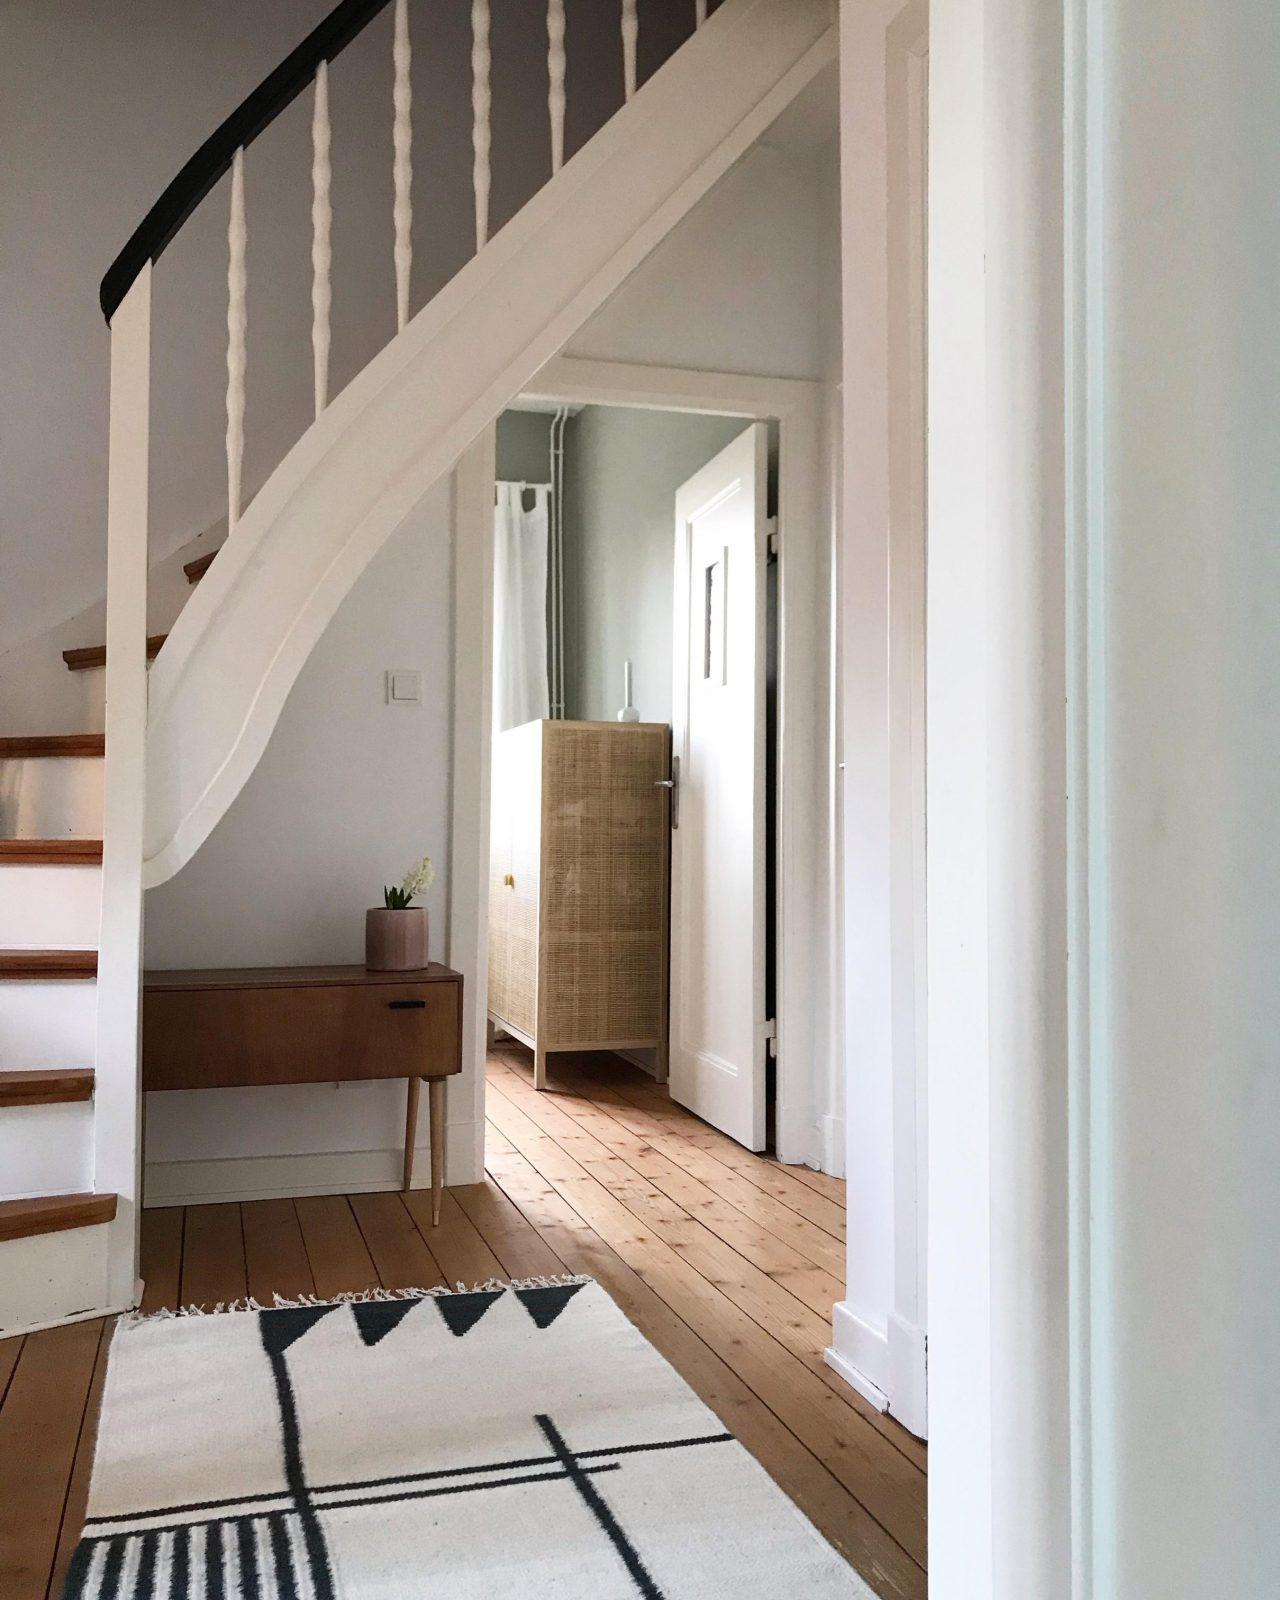 Treppenhaus So Machst Du Den Funktionellen Raum Schön von Farbgestaltung Flur Mit Treppe Bild